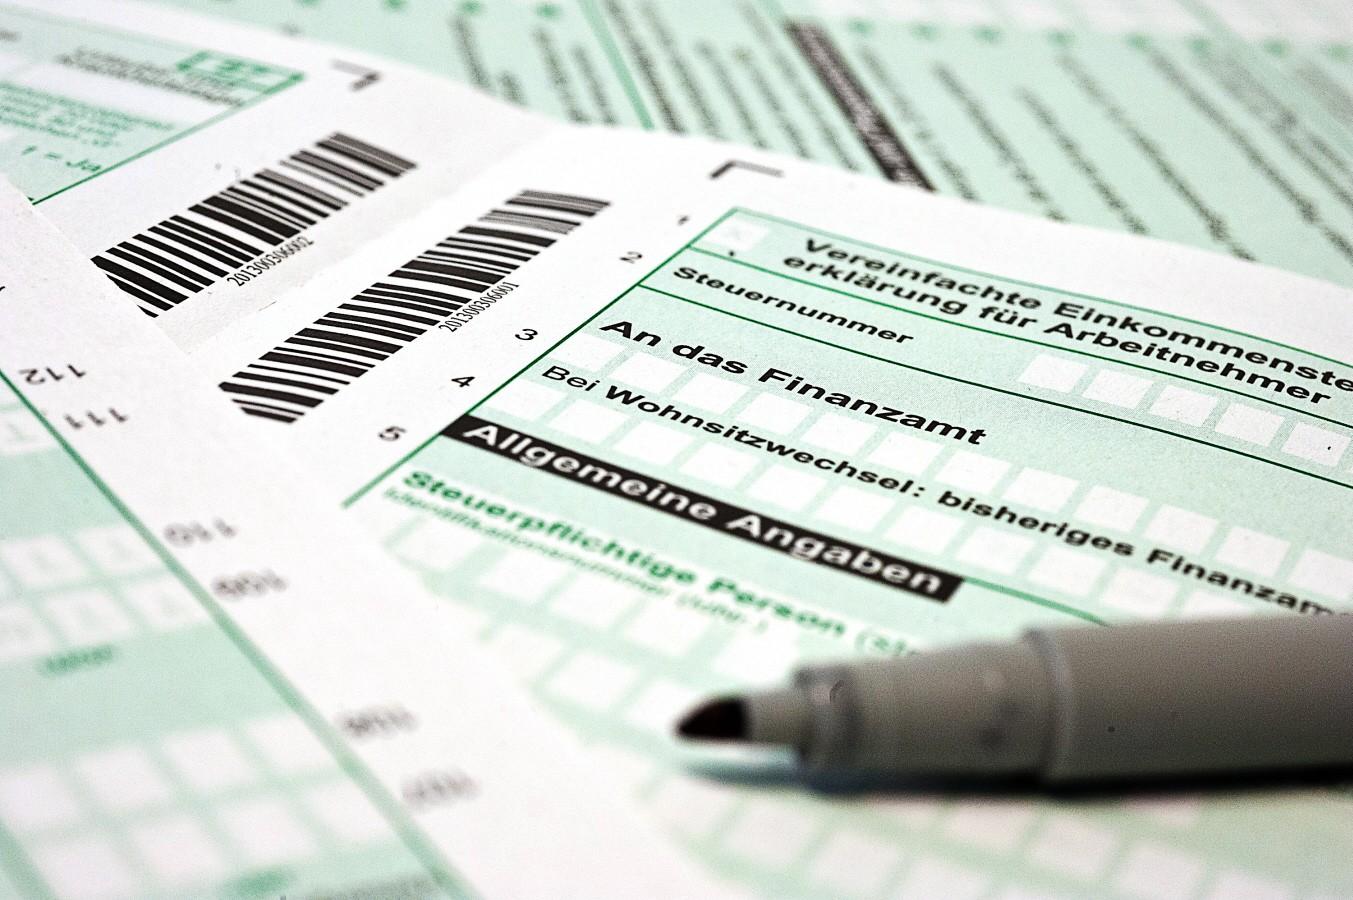 Γερμανία: Μεγάλες Επιστροφές Προκαταβολών σε Φορολογούμενους- Ποιοι τις δικαιούνται